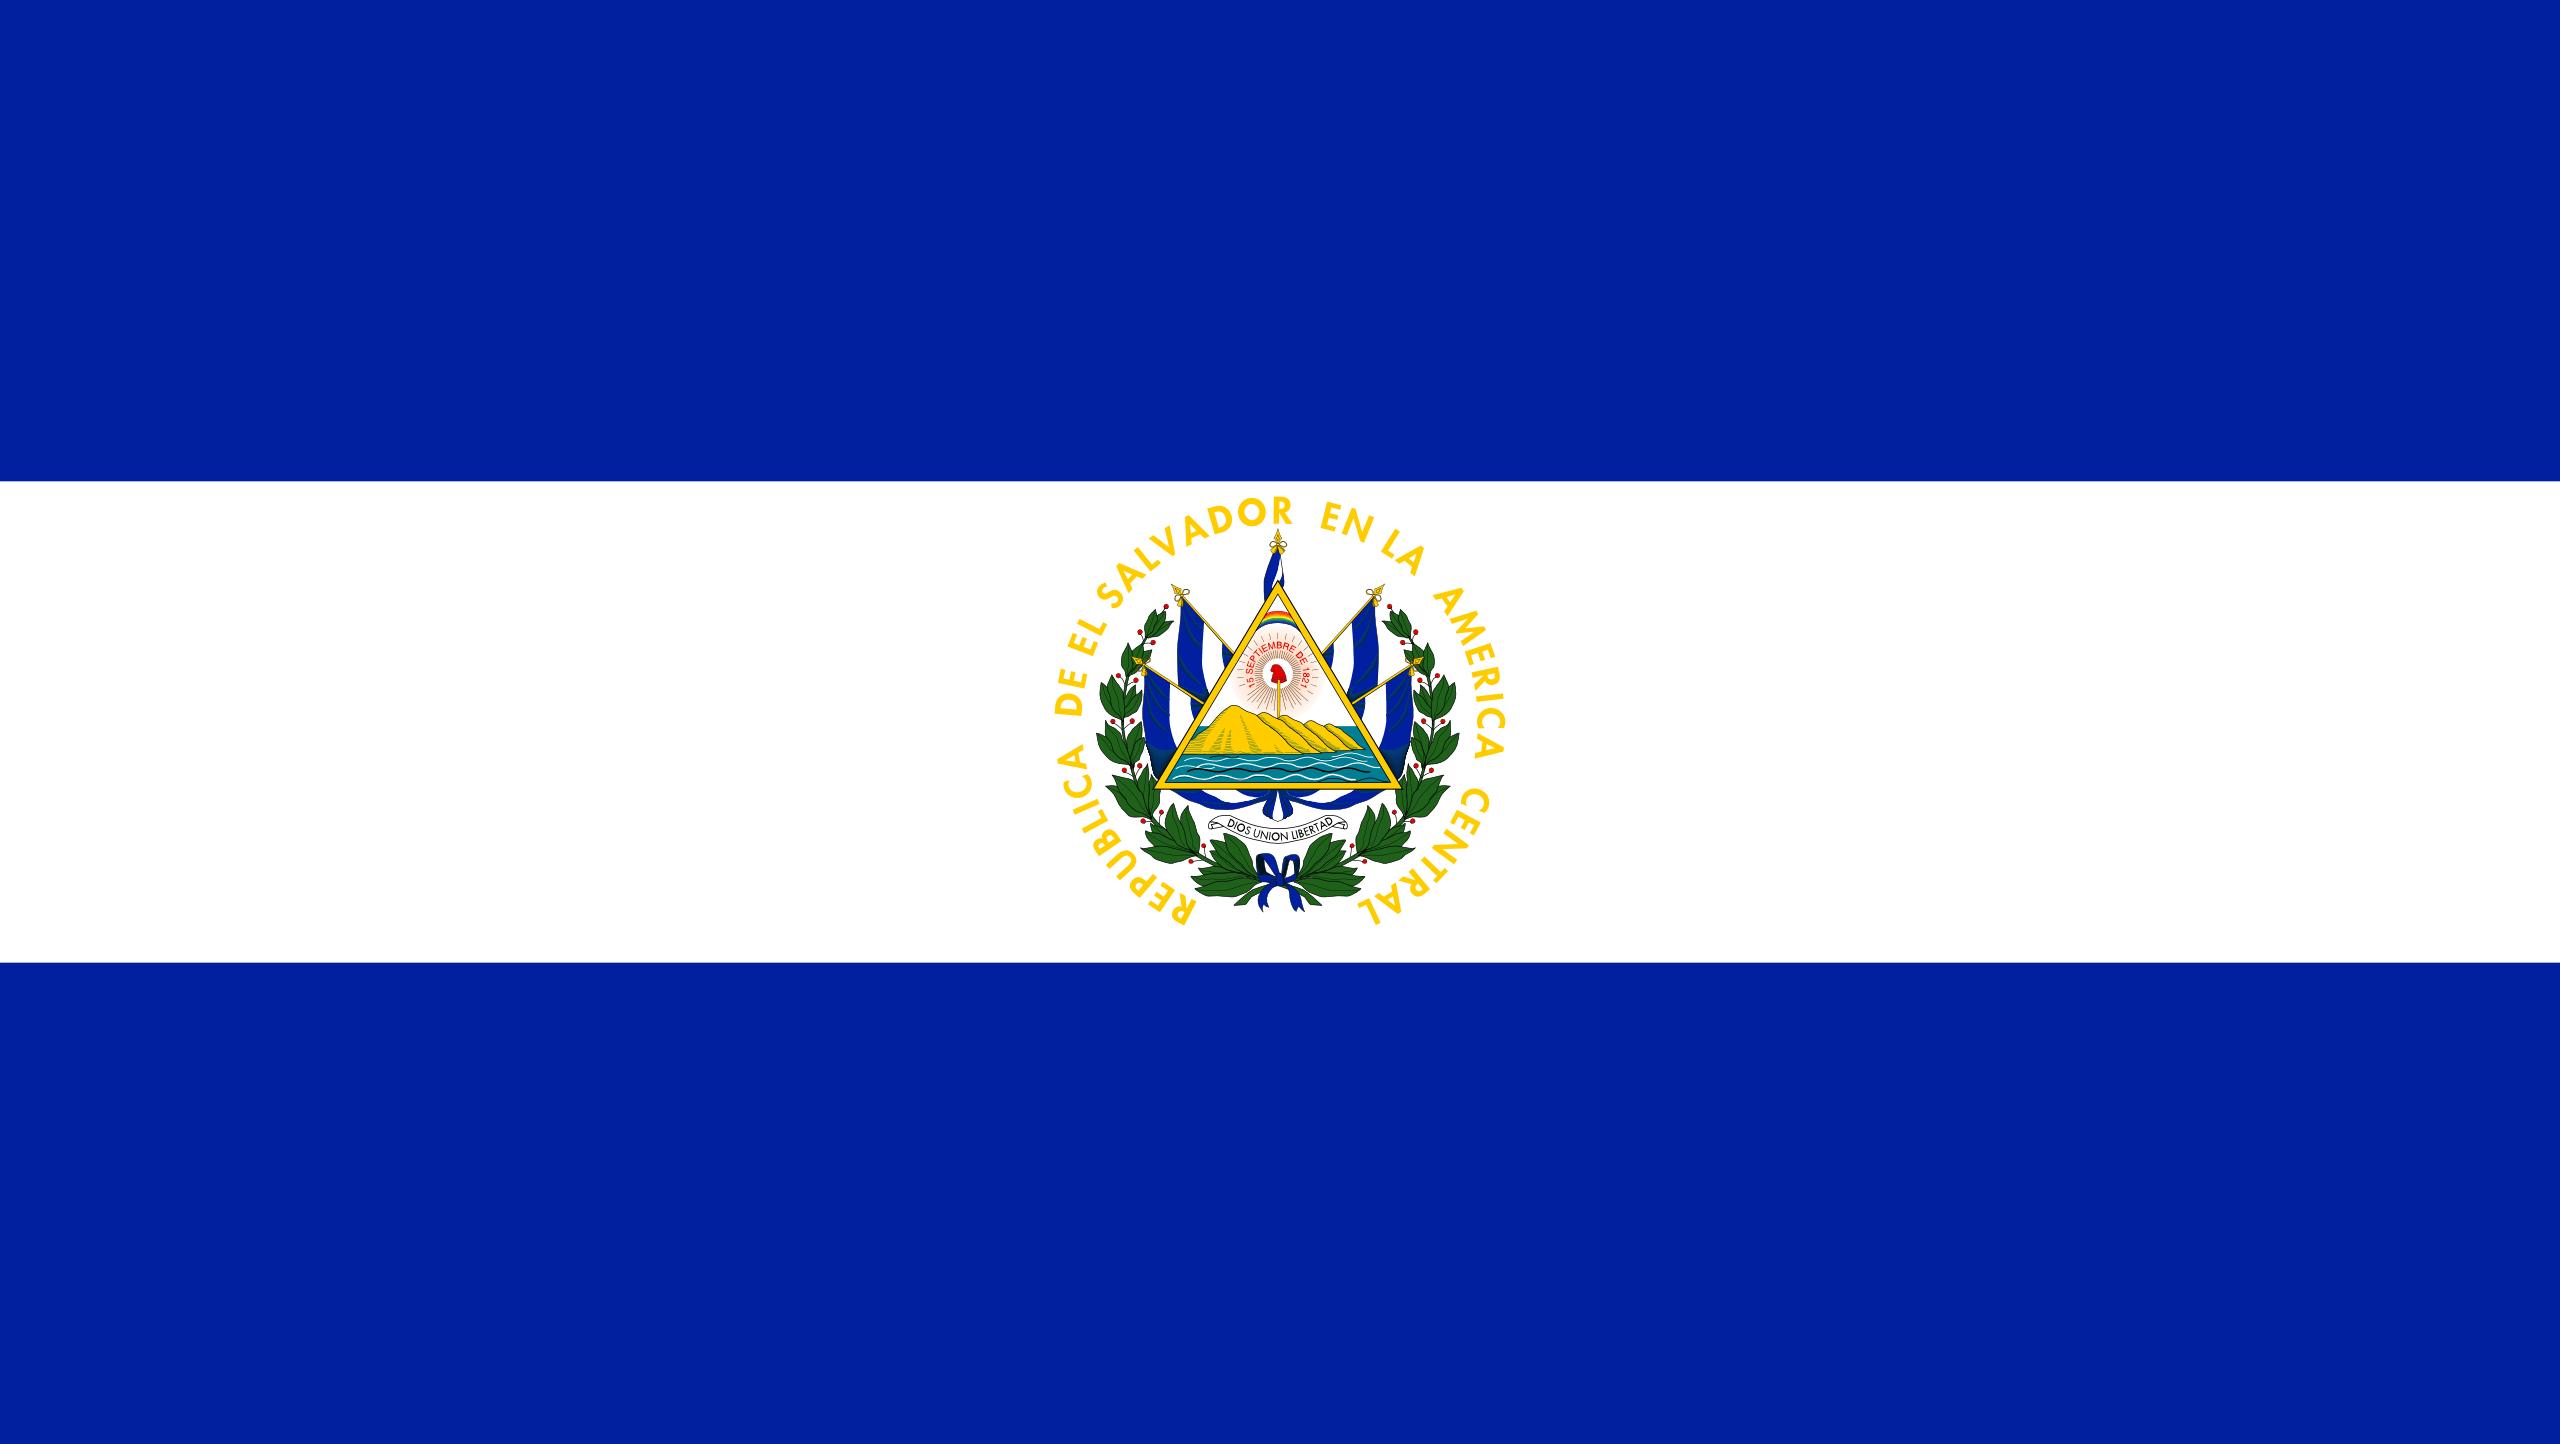 Mudanzas_Traslados_de_Oficinas_Industrial_Residenciales_Hogar_Casa_Camiones_de_3_5_8_Toneladas_Panel_PicUp_Traslados_en_Guatemala_Servicios_de_Guatemala.